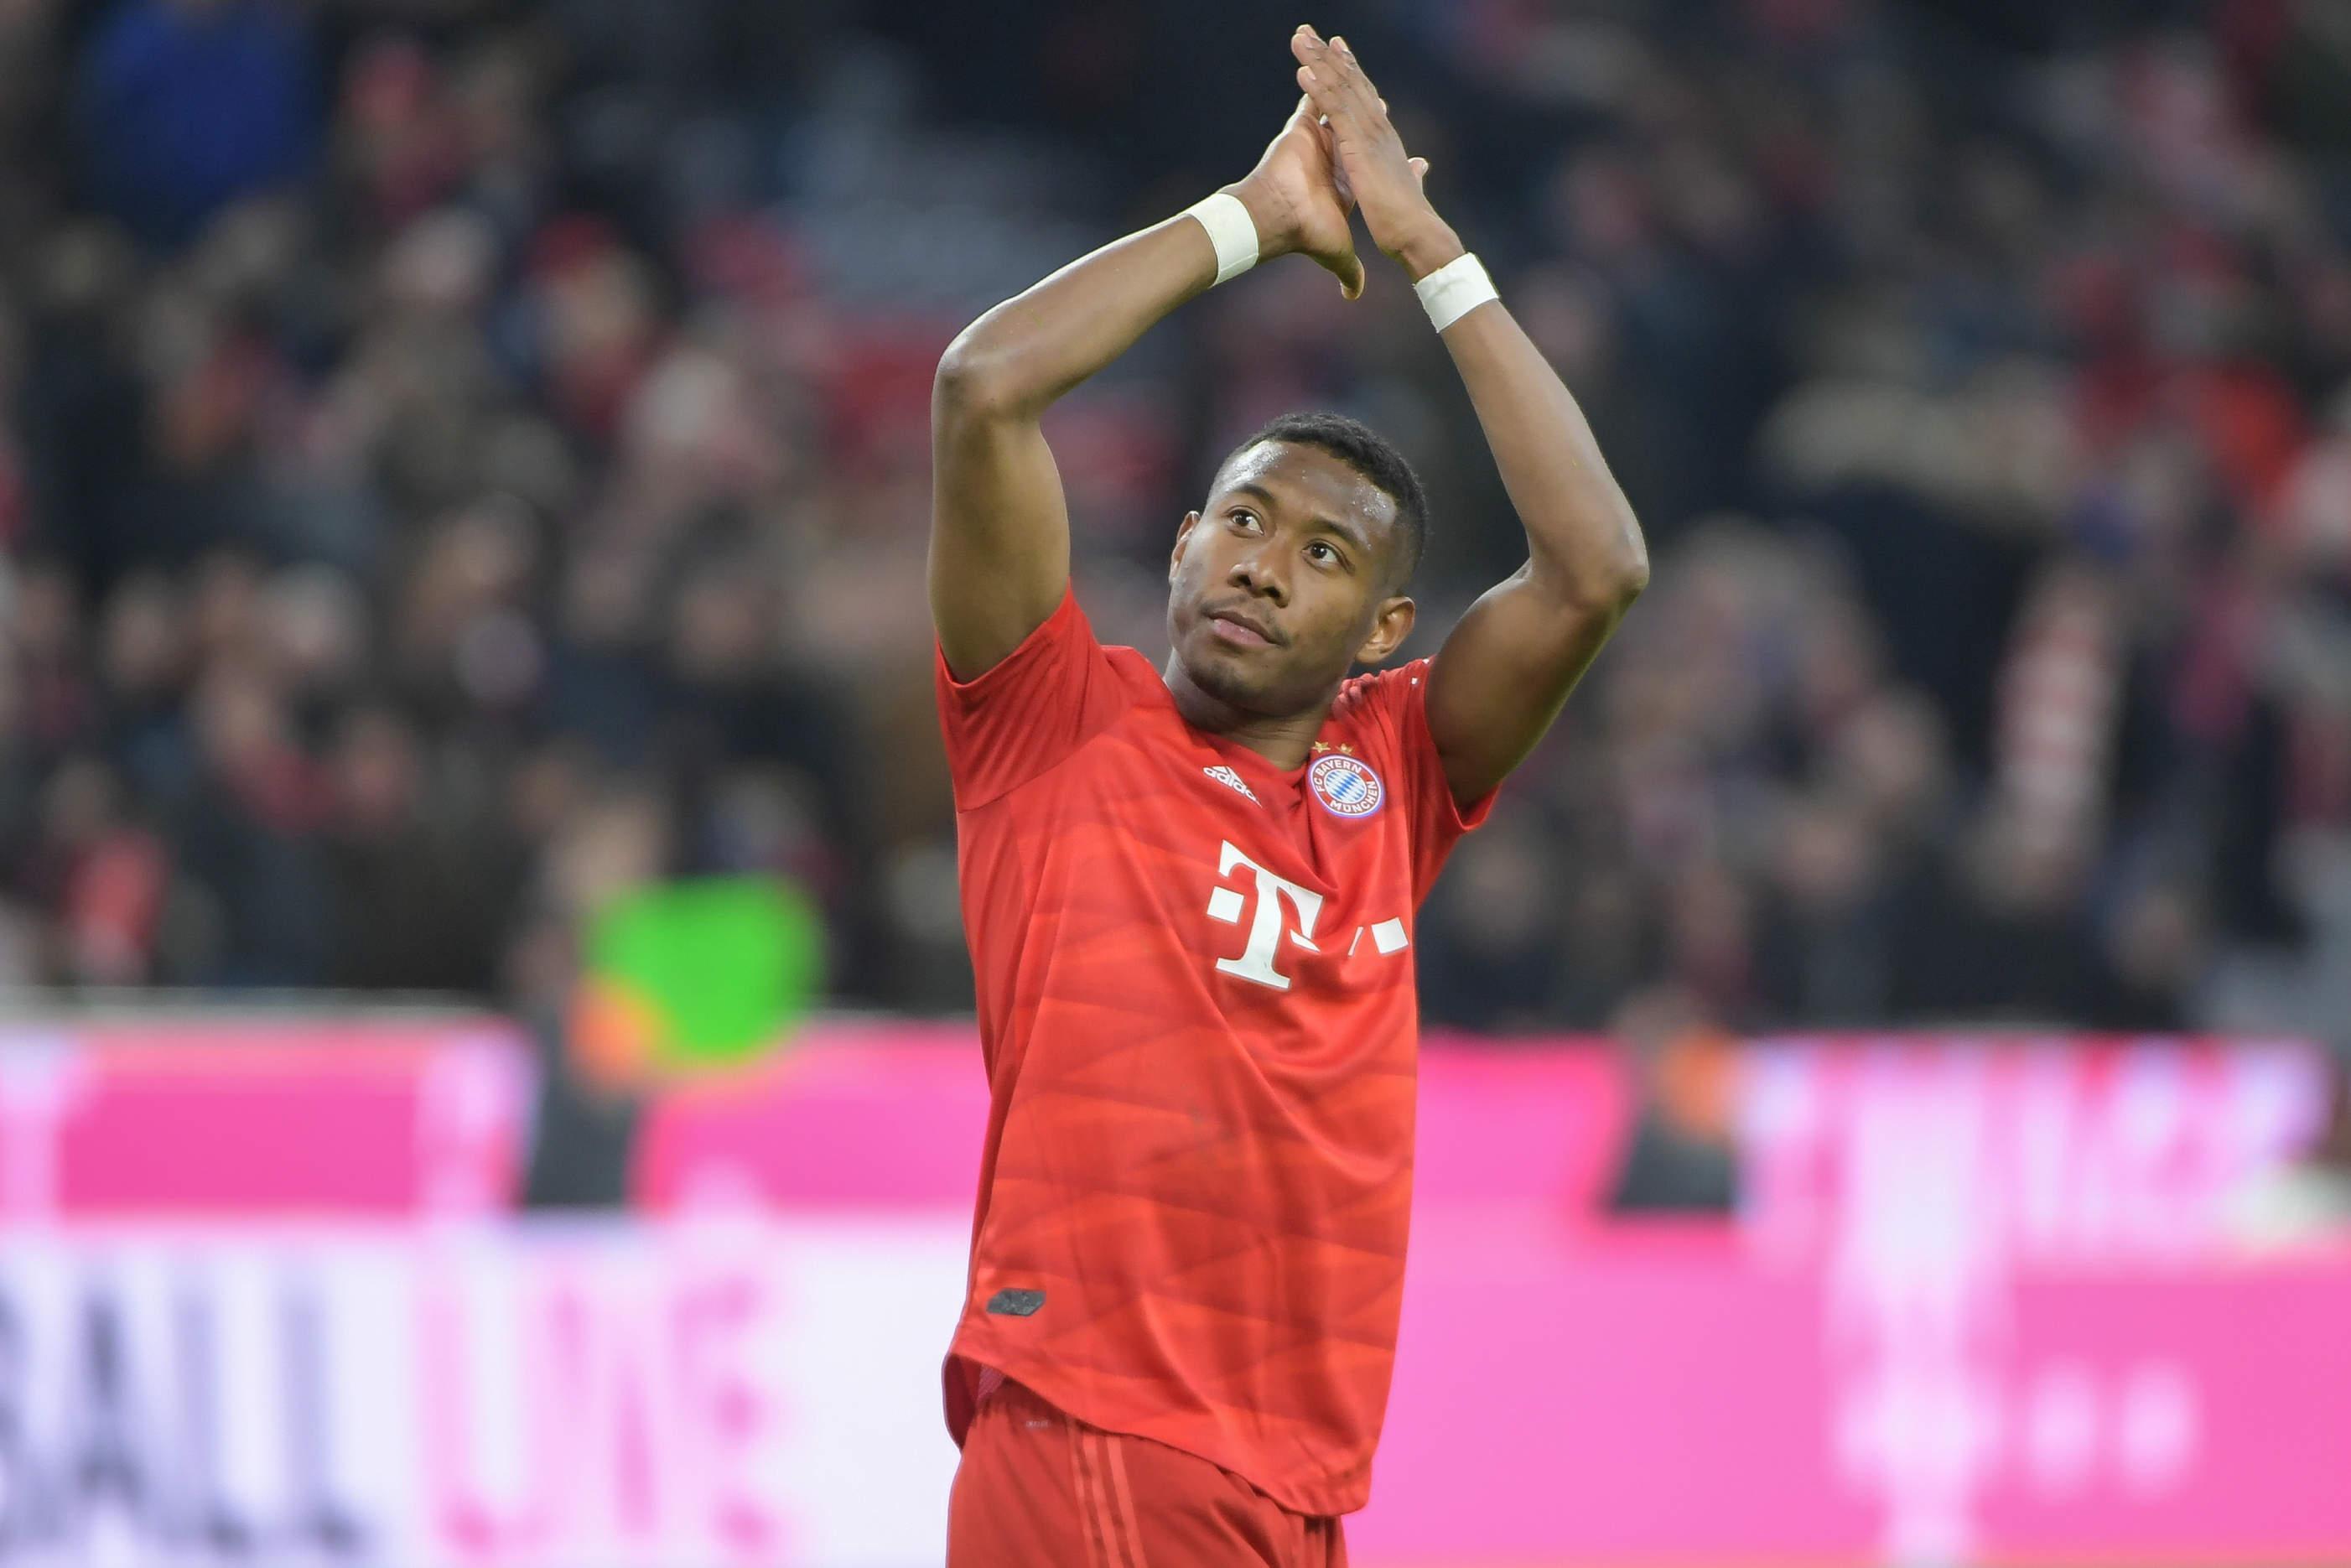 Wechsel nach England? Alaba spricht über Bayern-Abschied